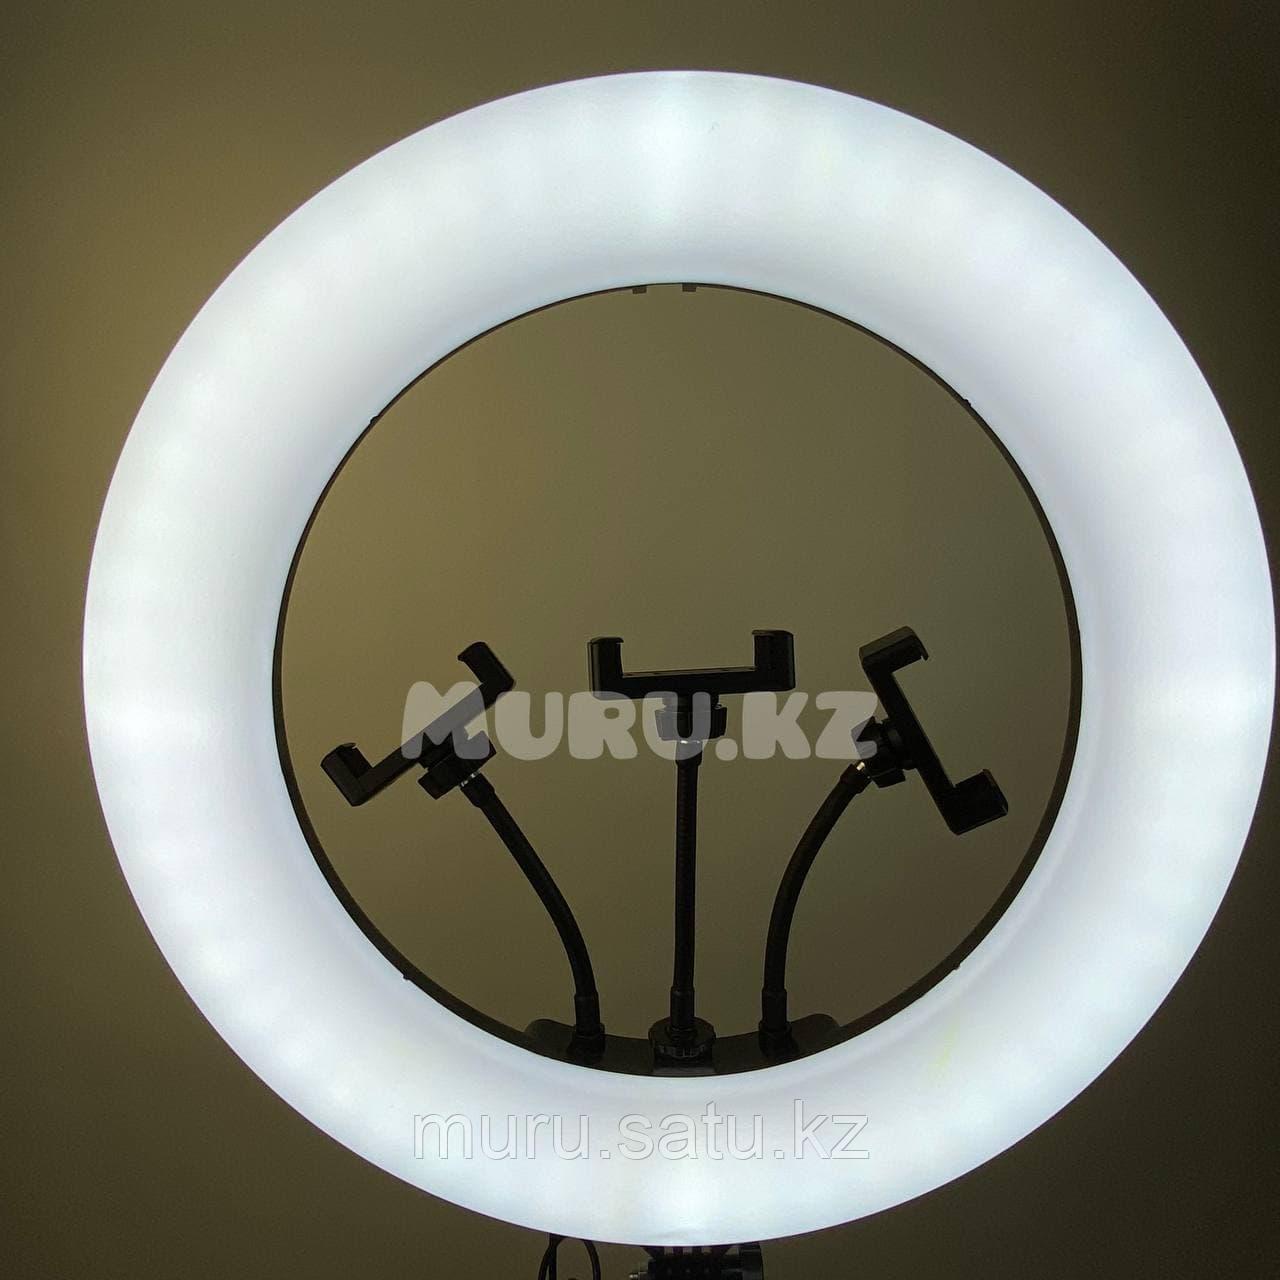 Кольцевая лампа 45 см со штативом 2м + микрофон подарок! - фото 6